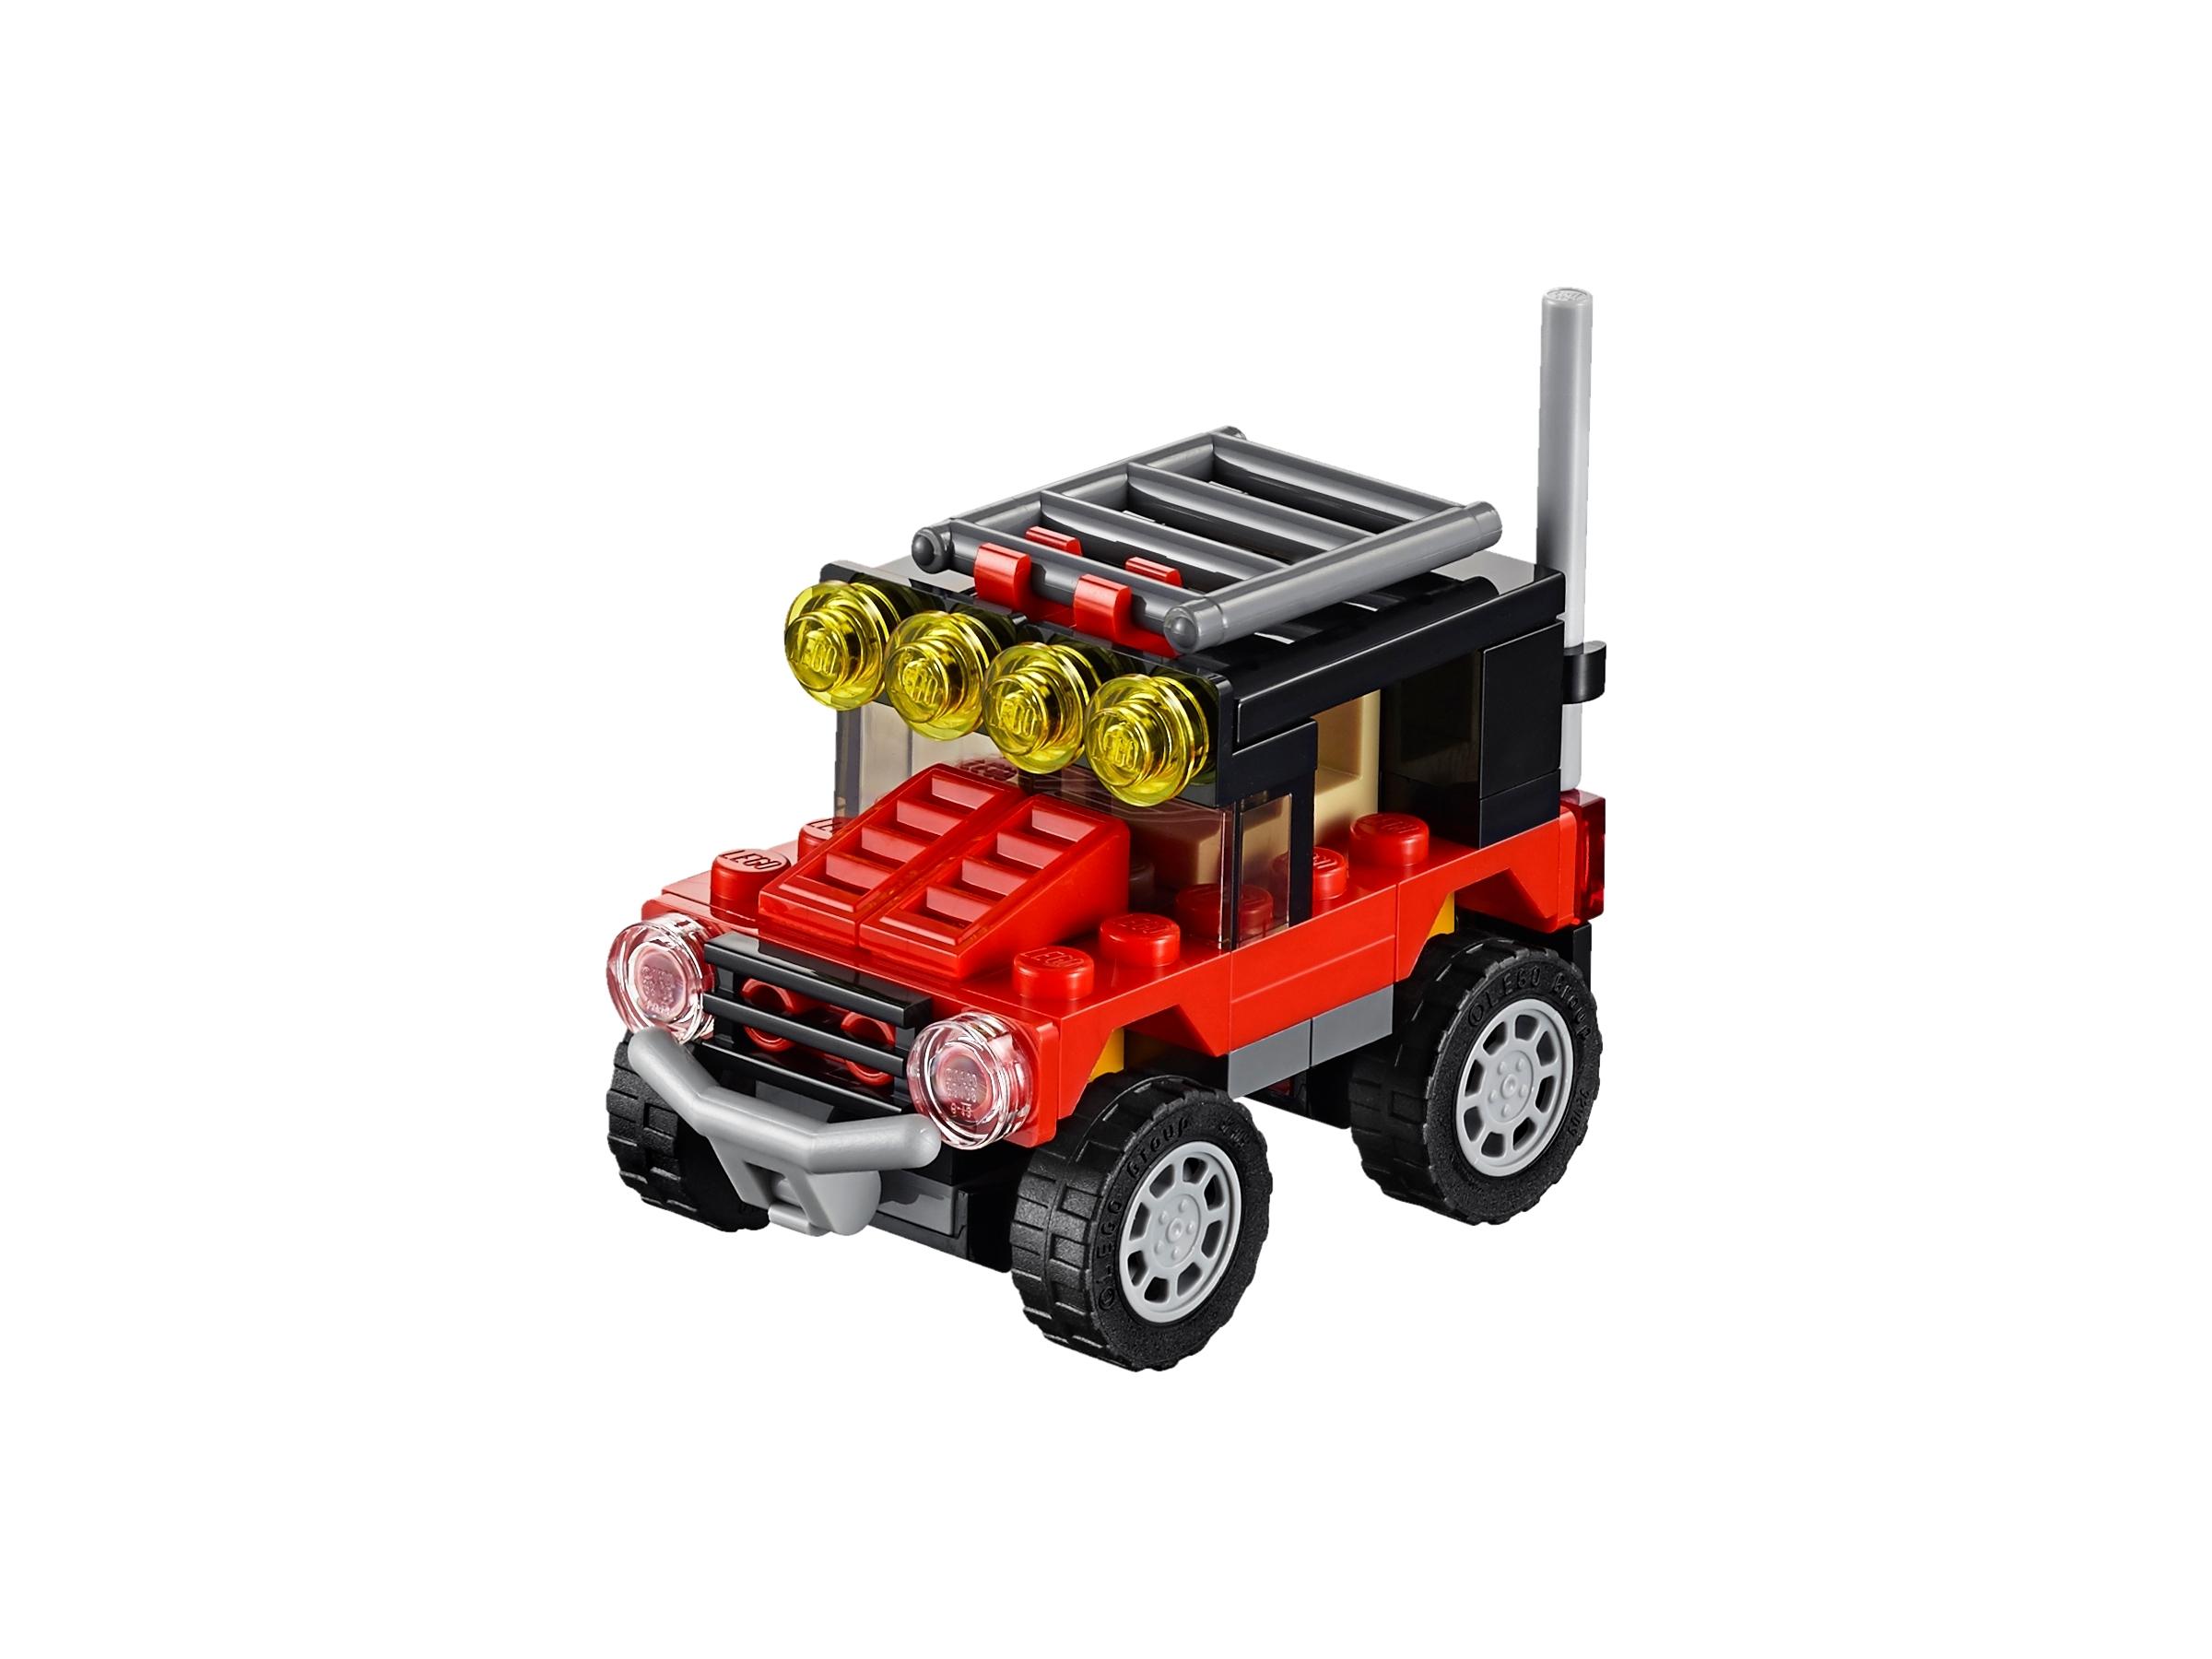 lego woestijnracers 31040